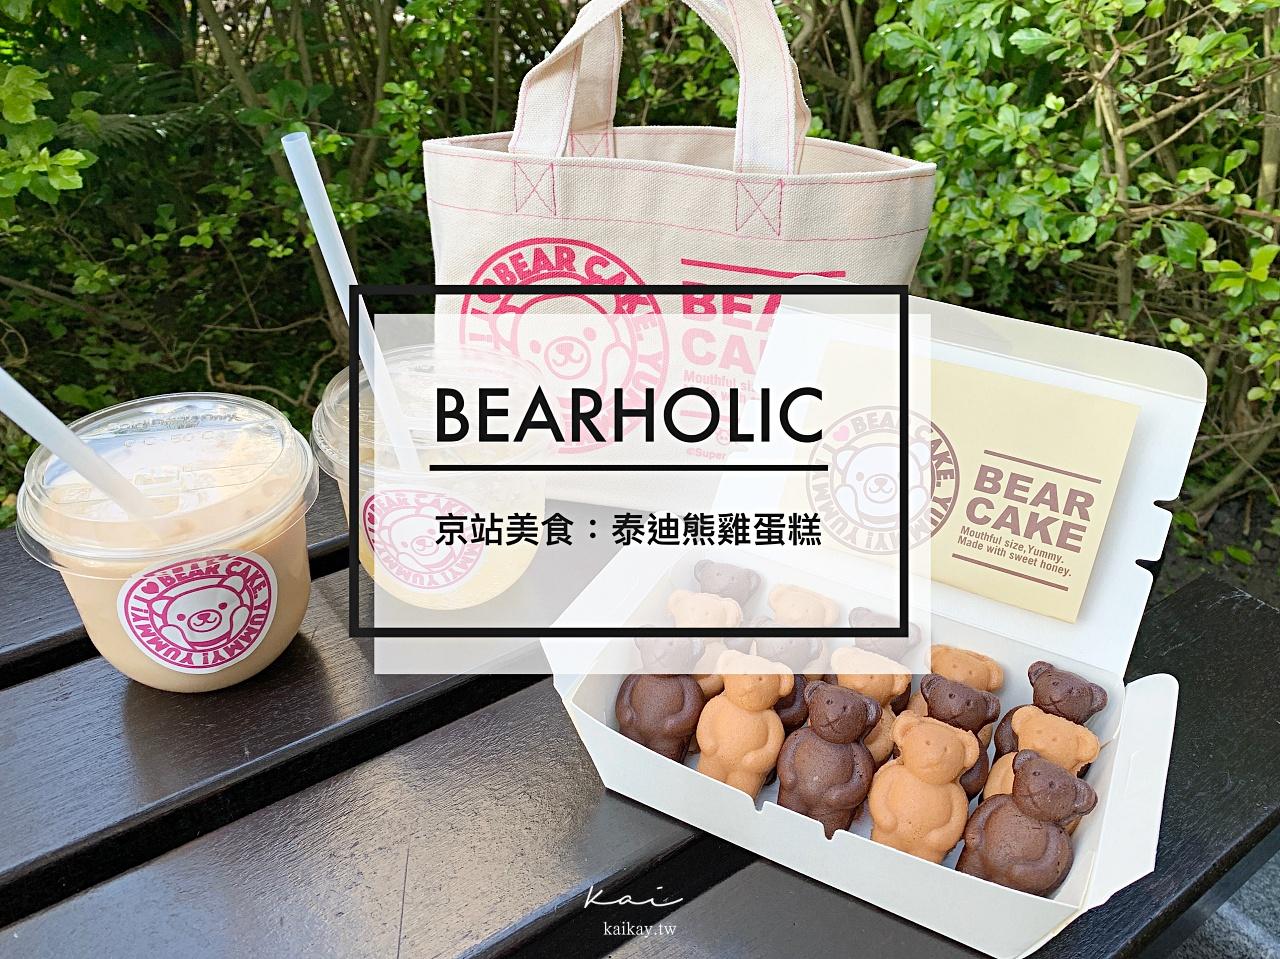 ☆【台北 / 京站】BEARHOLIC 熊燒。令少女尖叫的泰迪熊雞蛋糕 @凱的日本食尚日記